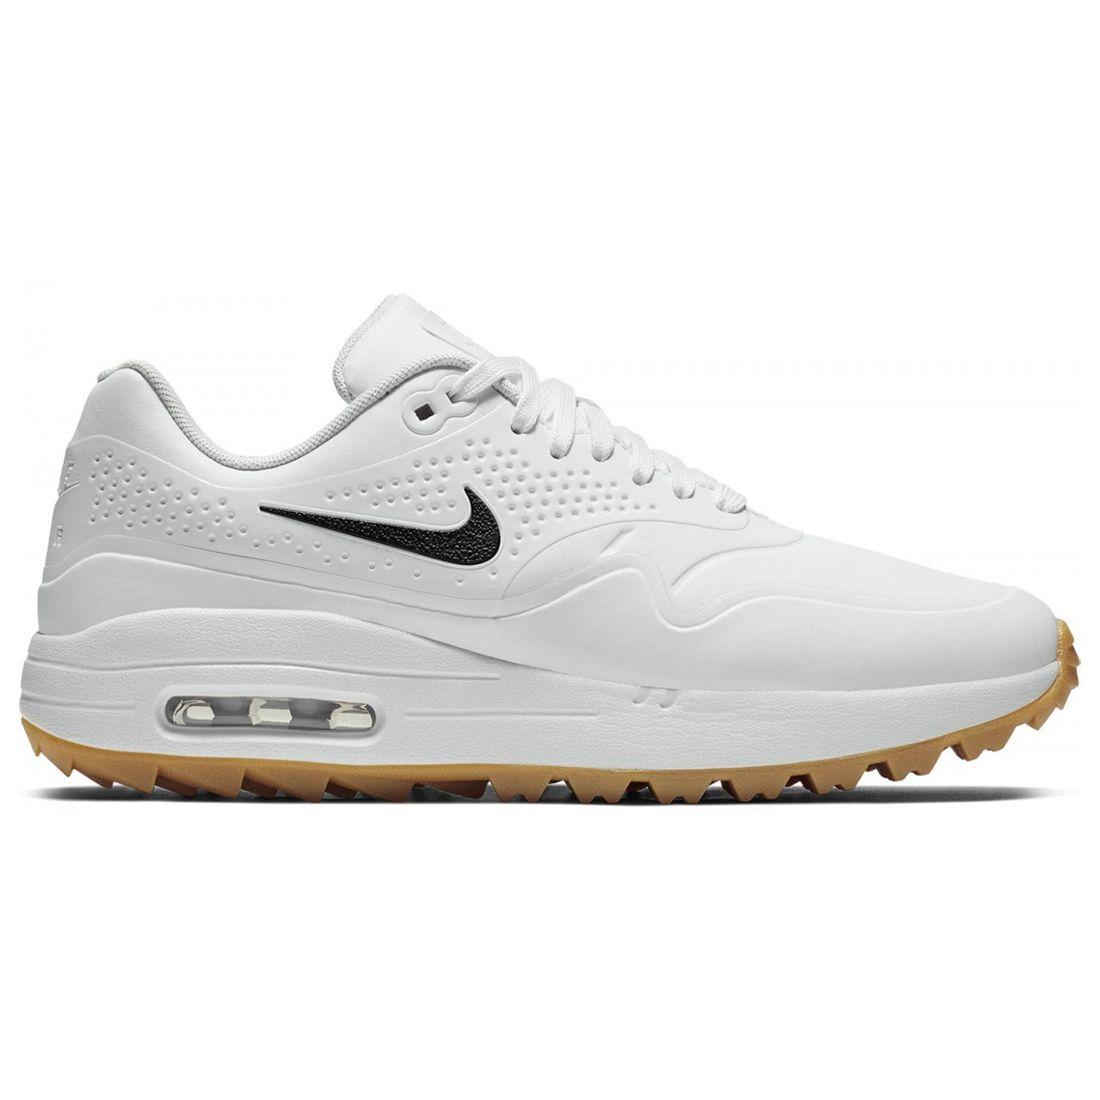 Buy Nike Women's Air Max 1 G Golf Shoes White/Gum Brown | Golf ...